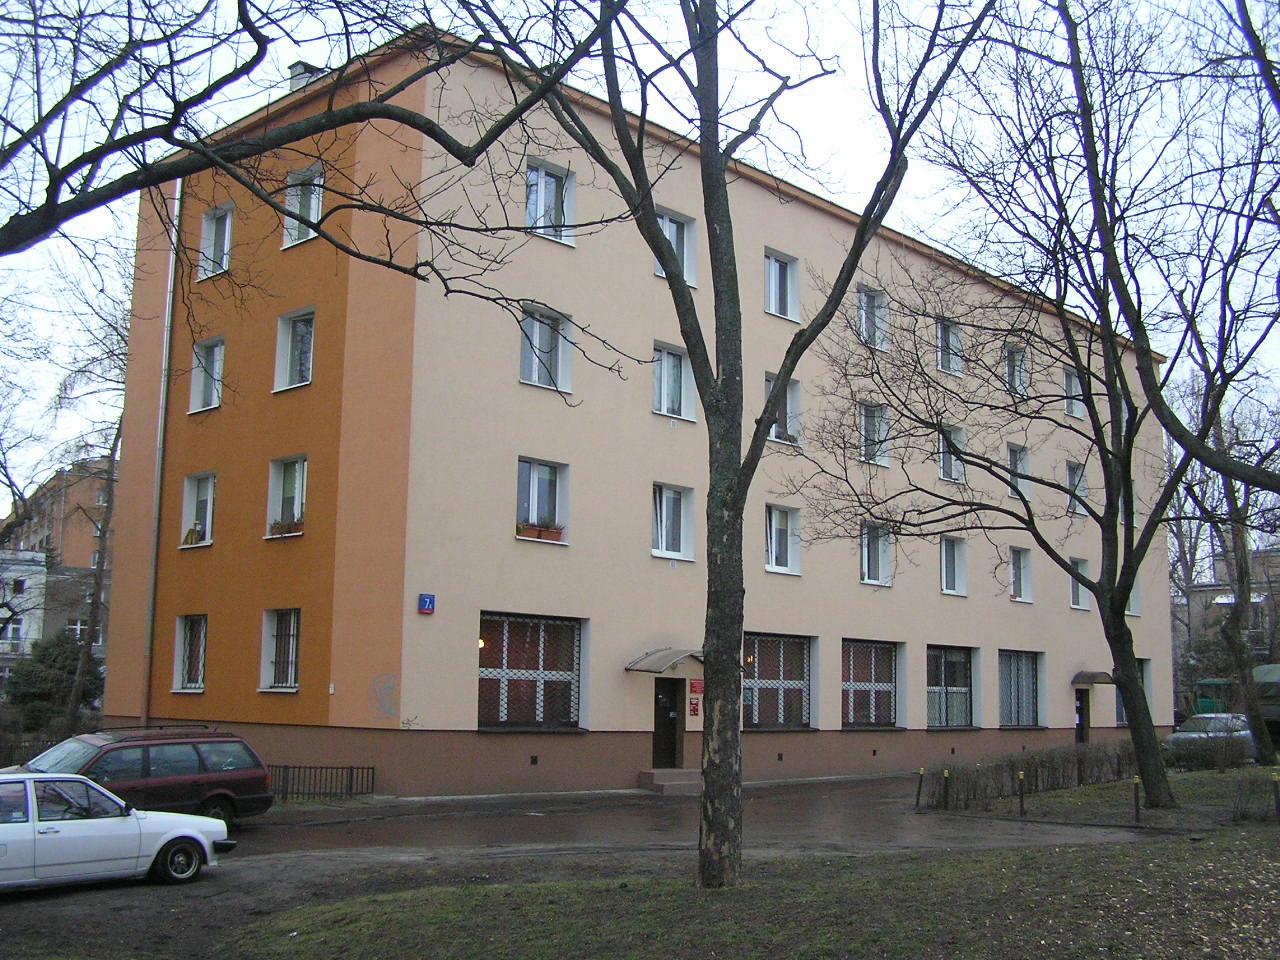 Walewska 7A